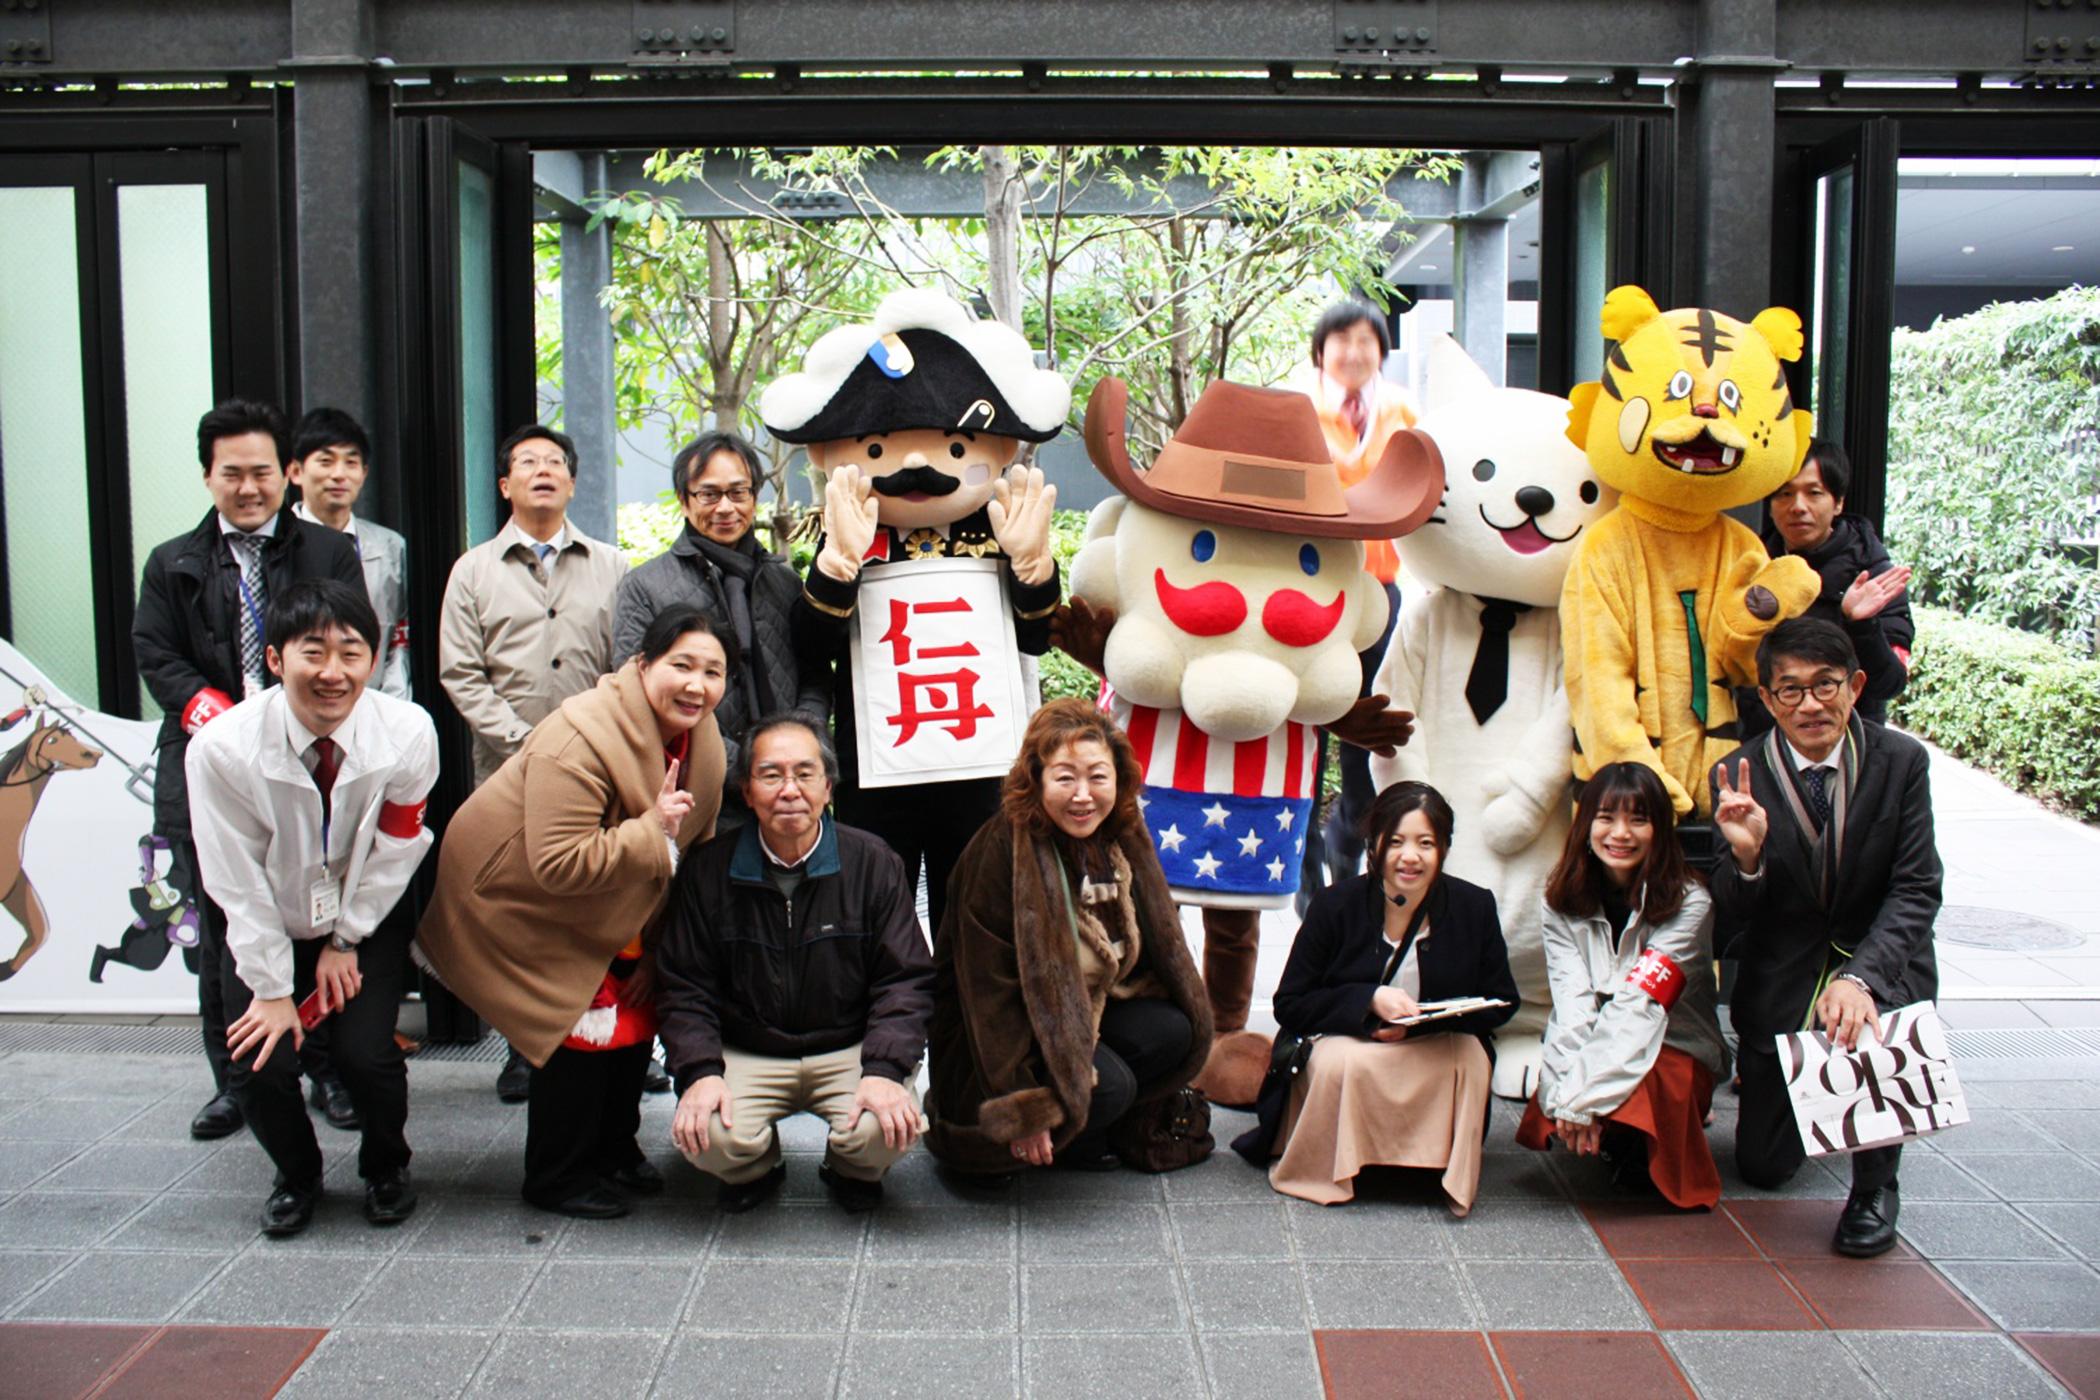 とらとうちゃんの休日出勤(玉造商店街2020日めくりカレンダー無料配布会|2019年12月7日)